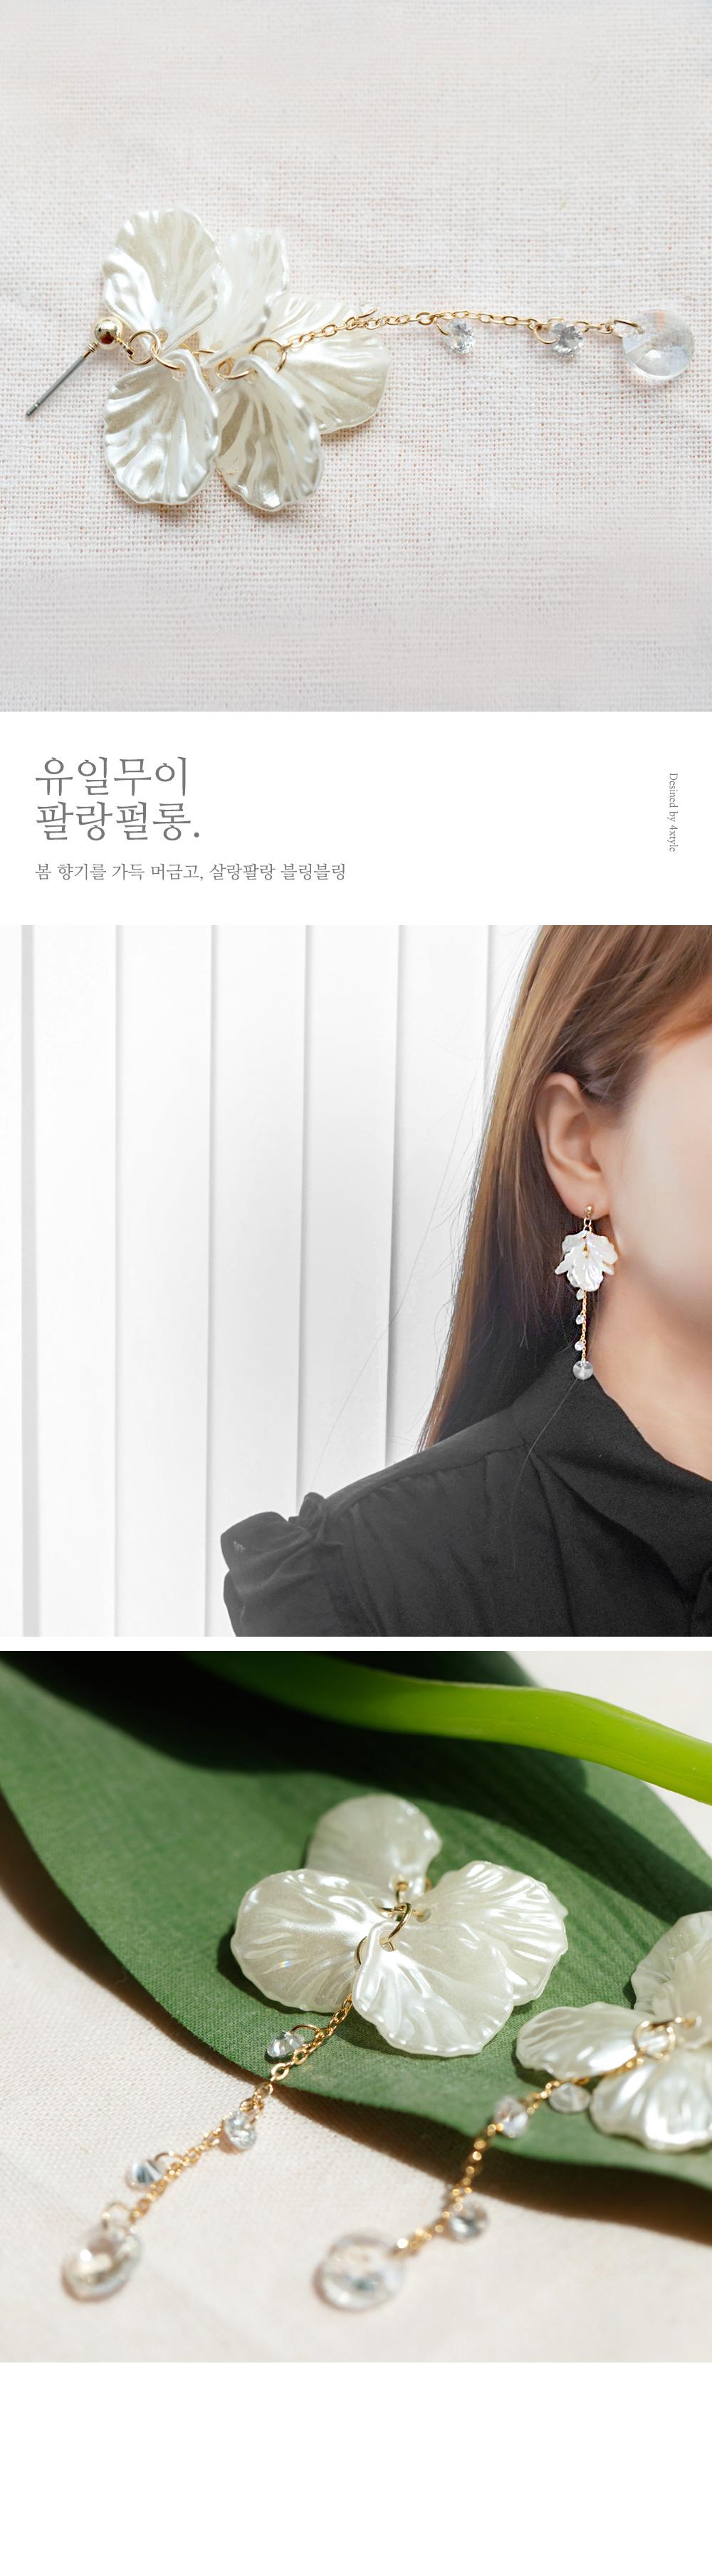 아리 진주 롱 귀걸이 - 폭스타일, 9,000원, 진주/원석, 드롭귀걸이